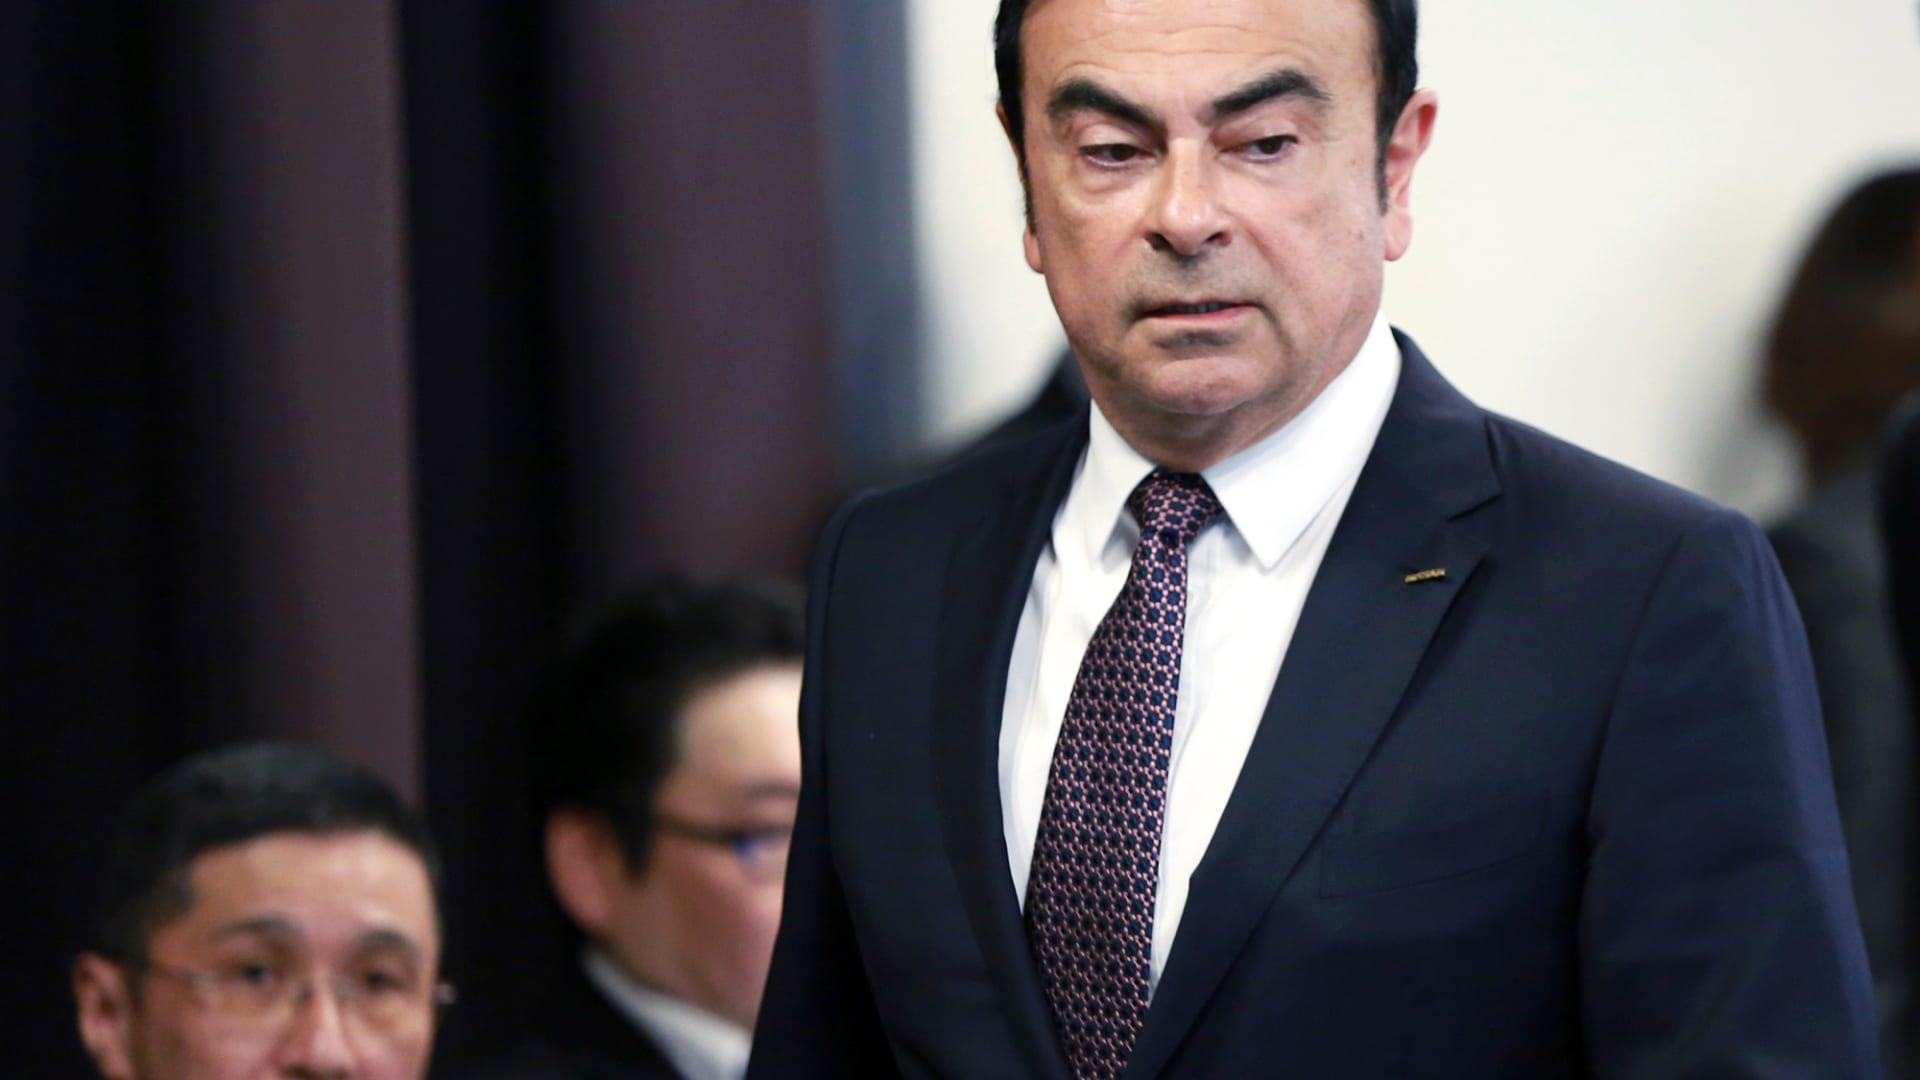 اليابان تتعهد بتشديد قوانين هجرتها بعد هروب كارلوس غصن